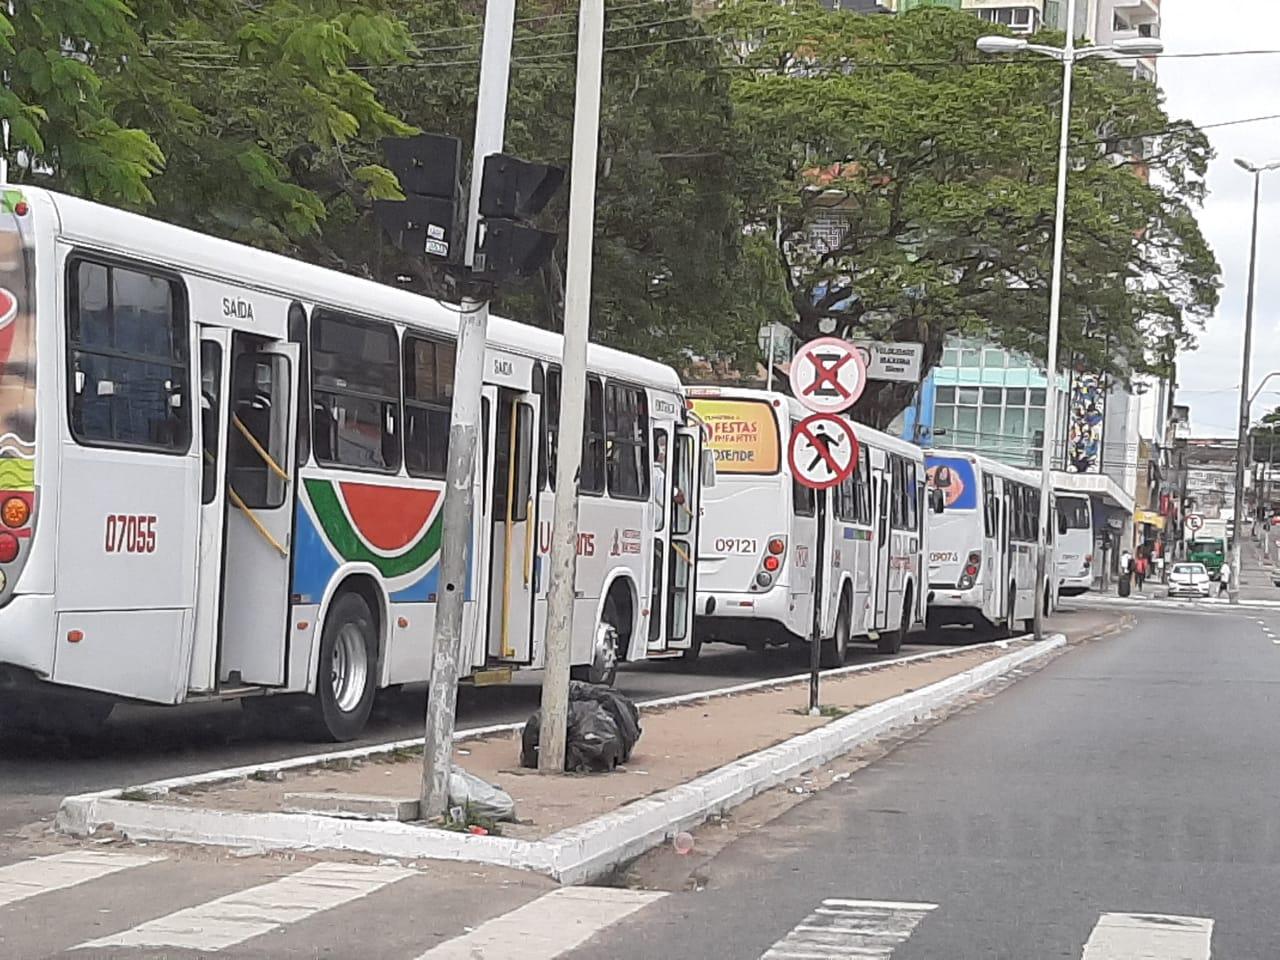 6cd5617d 8712 44dd a219 5268c4c2e855 - VEÍCULOS PARADOS: Motoristas de transportes coletivos paralisam atividades e ocupam Parque da Lagoa